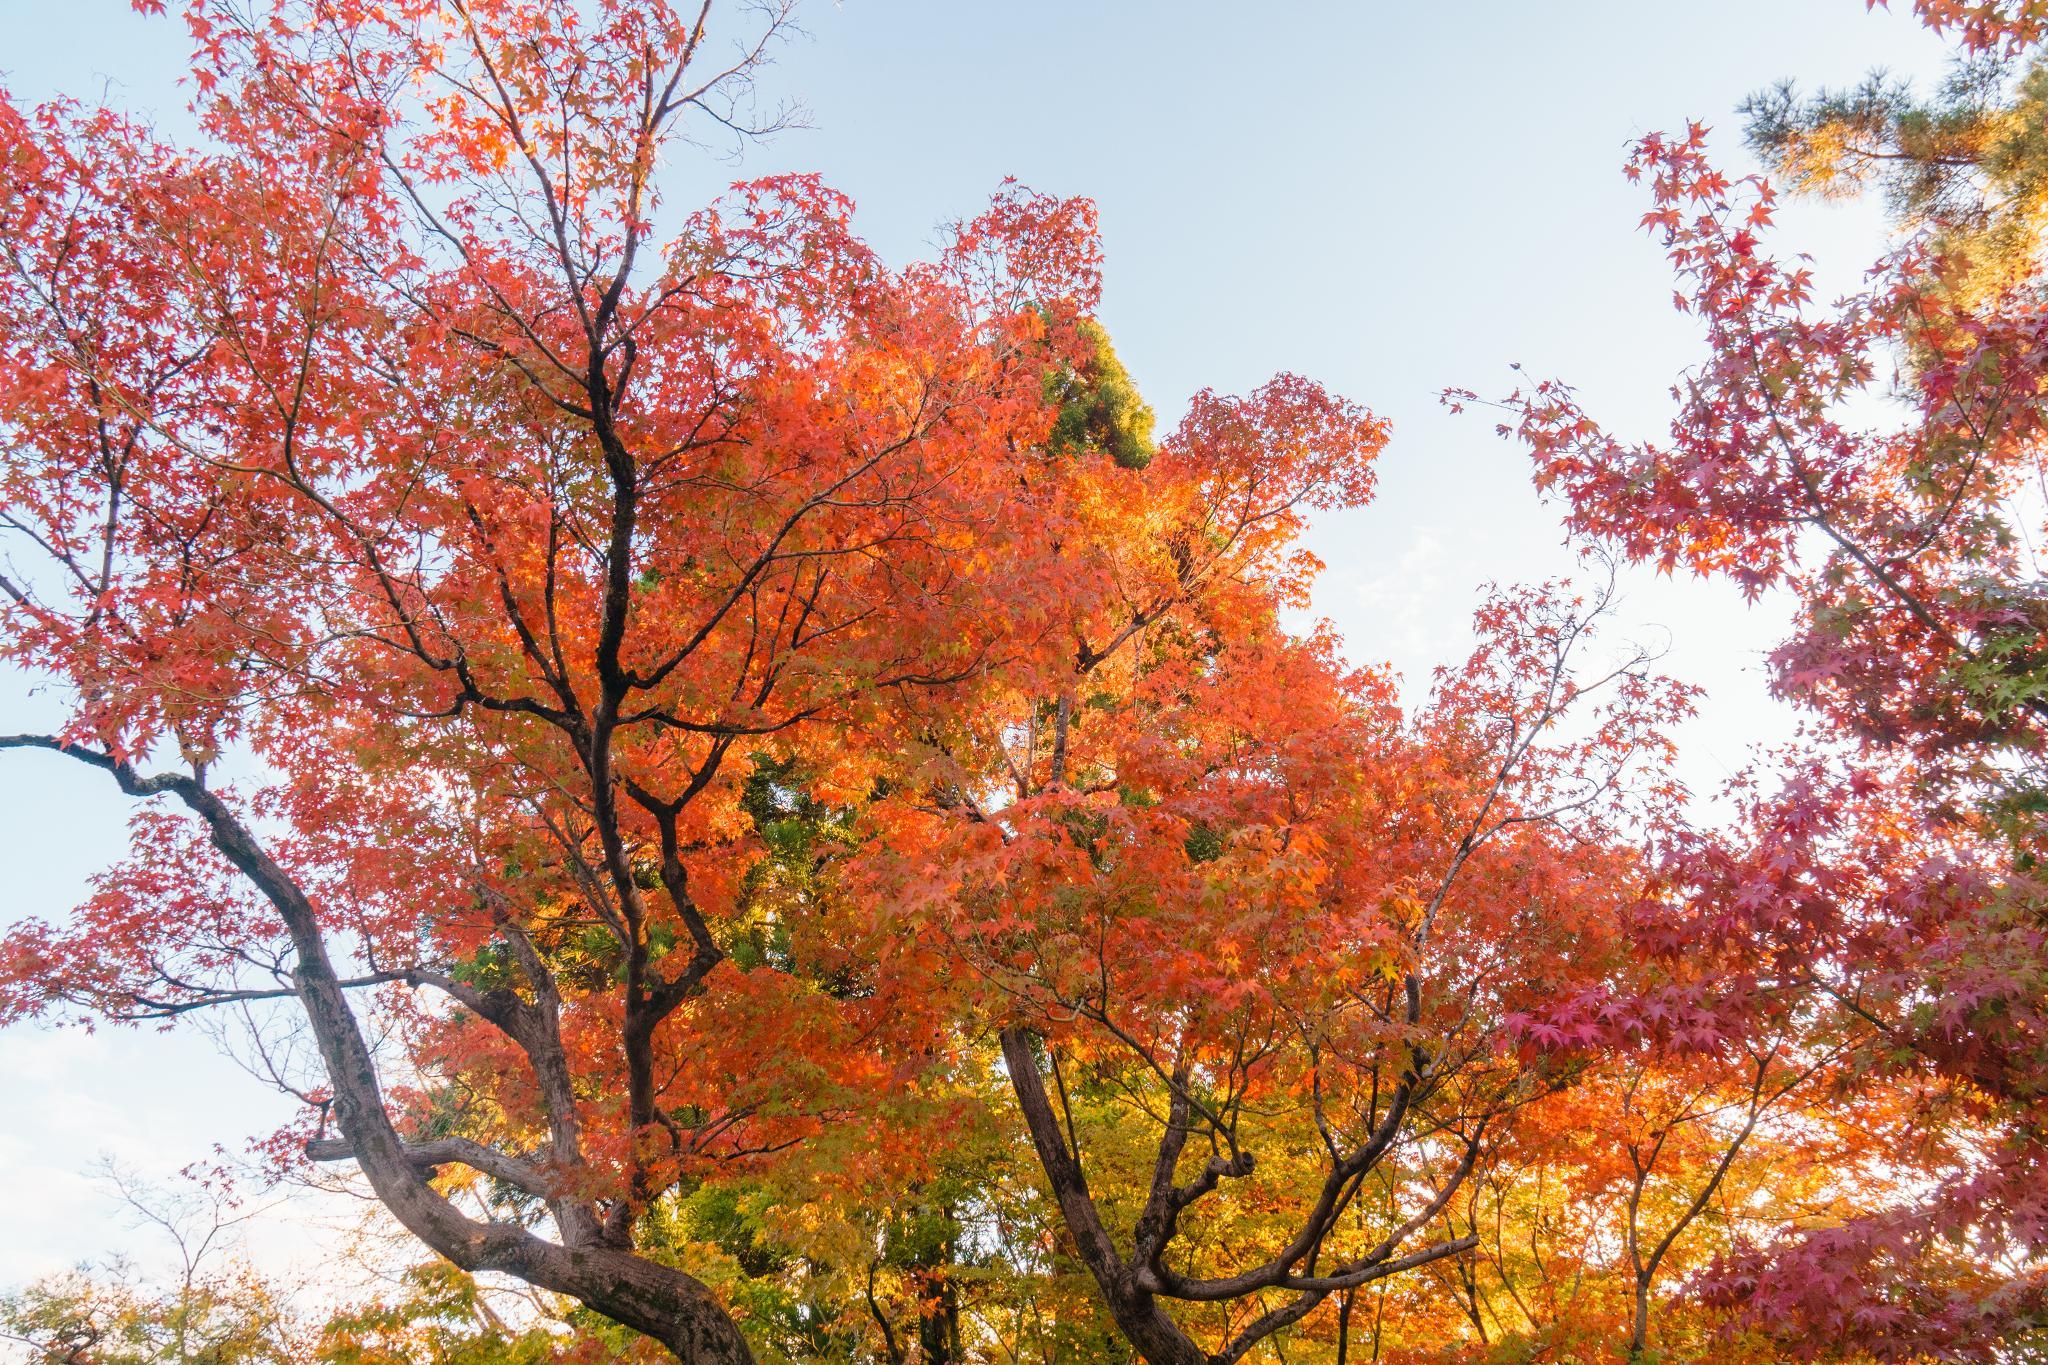 【京都】此生必來的紅葉狩絕景 - 永觀堂夜楓 103